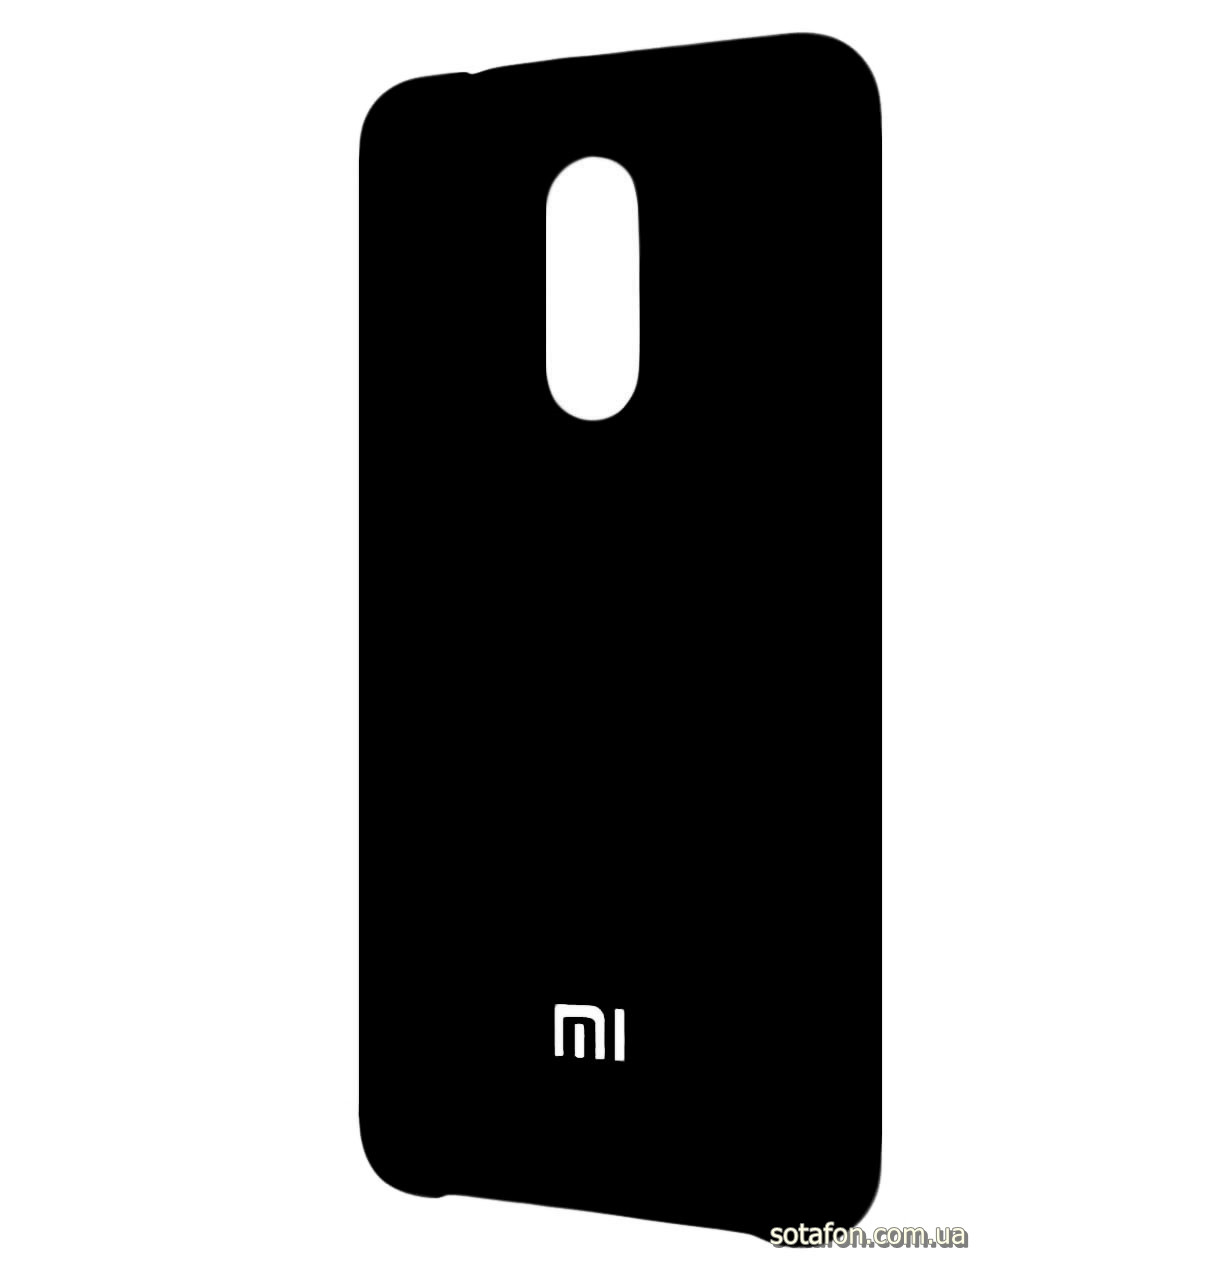 Чехол-накладка Original Silicone case на Xiaomi Redmi 5 Plus Black